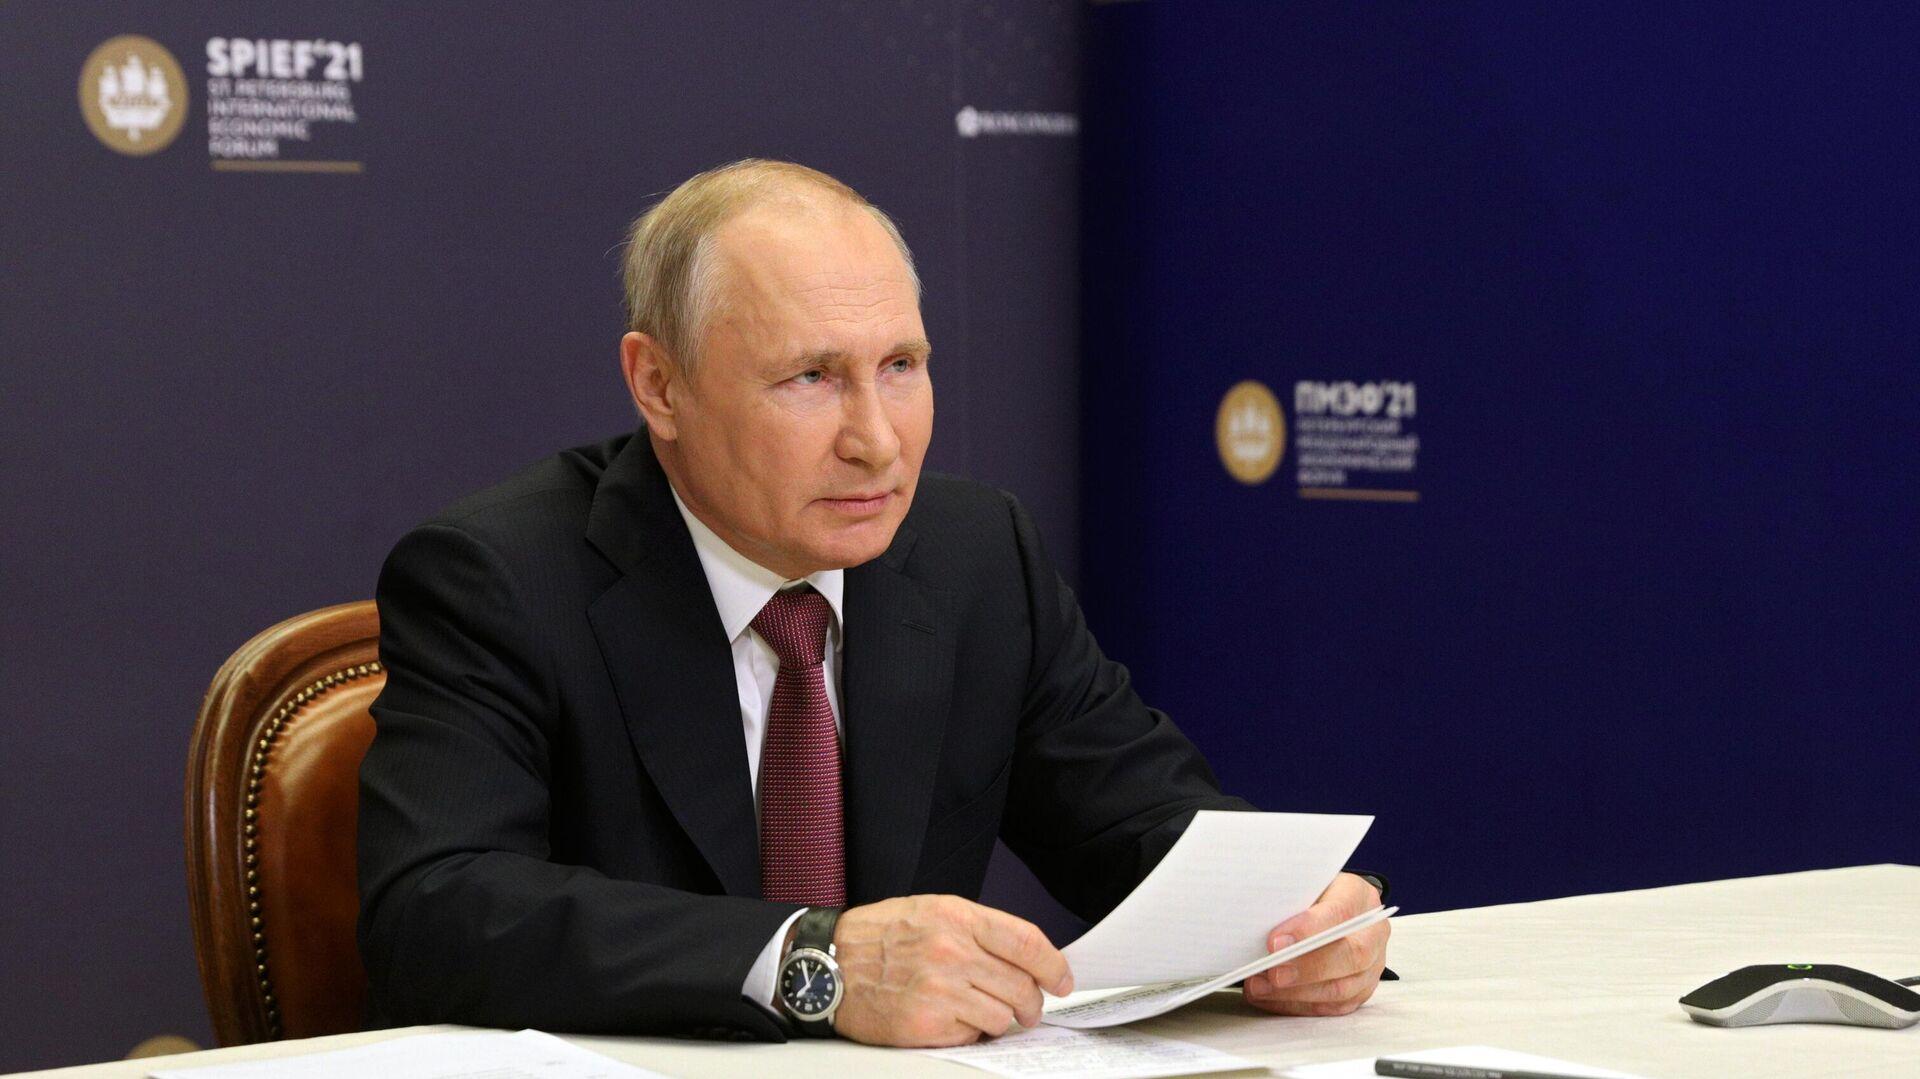 Президент РФ В. Путин принял участие в церемонии подписания на ПМЭФ соглашений по туристическим объектам в Крыму - РИА Новости, 1920, 04.06.2021